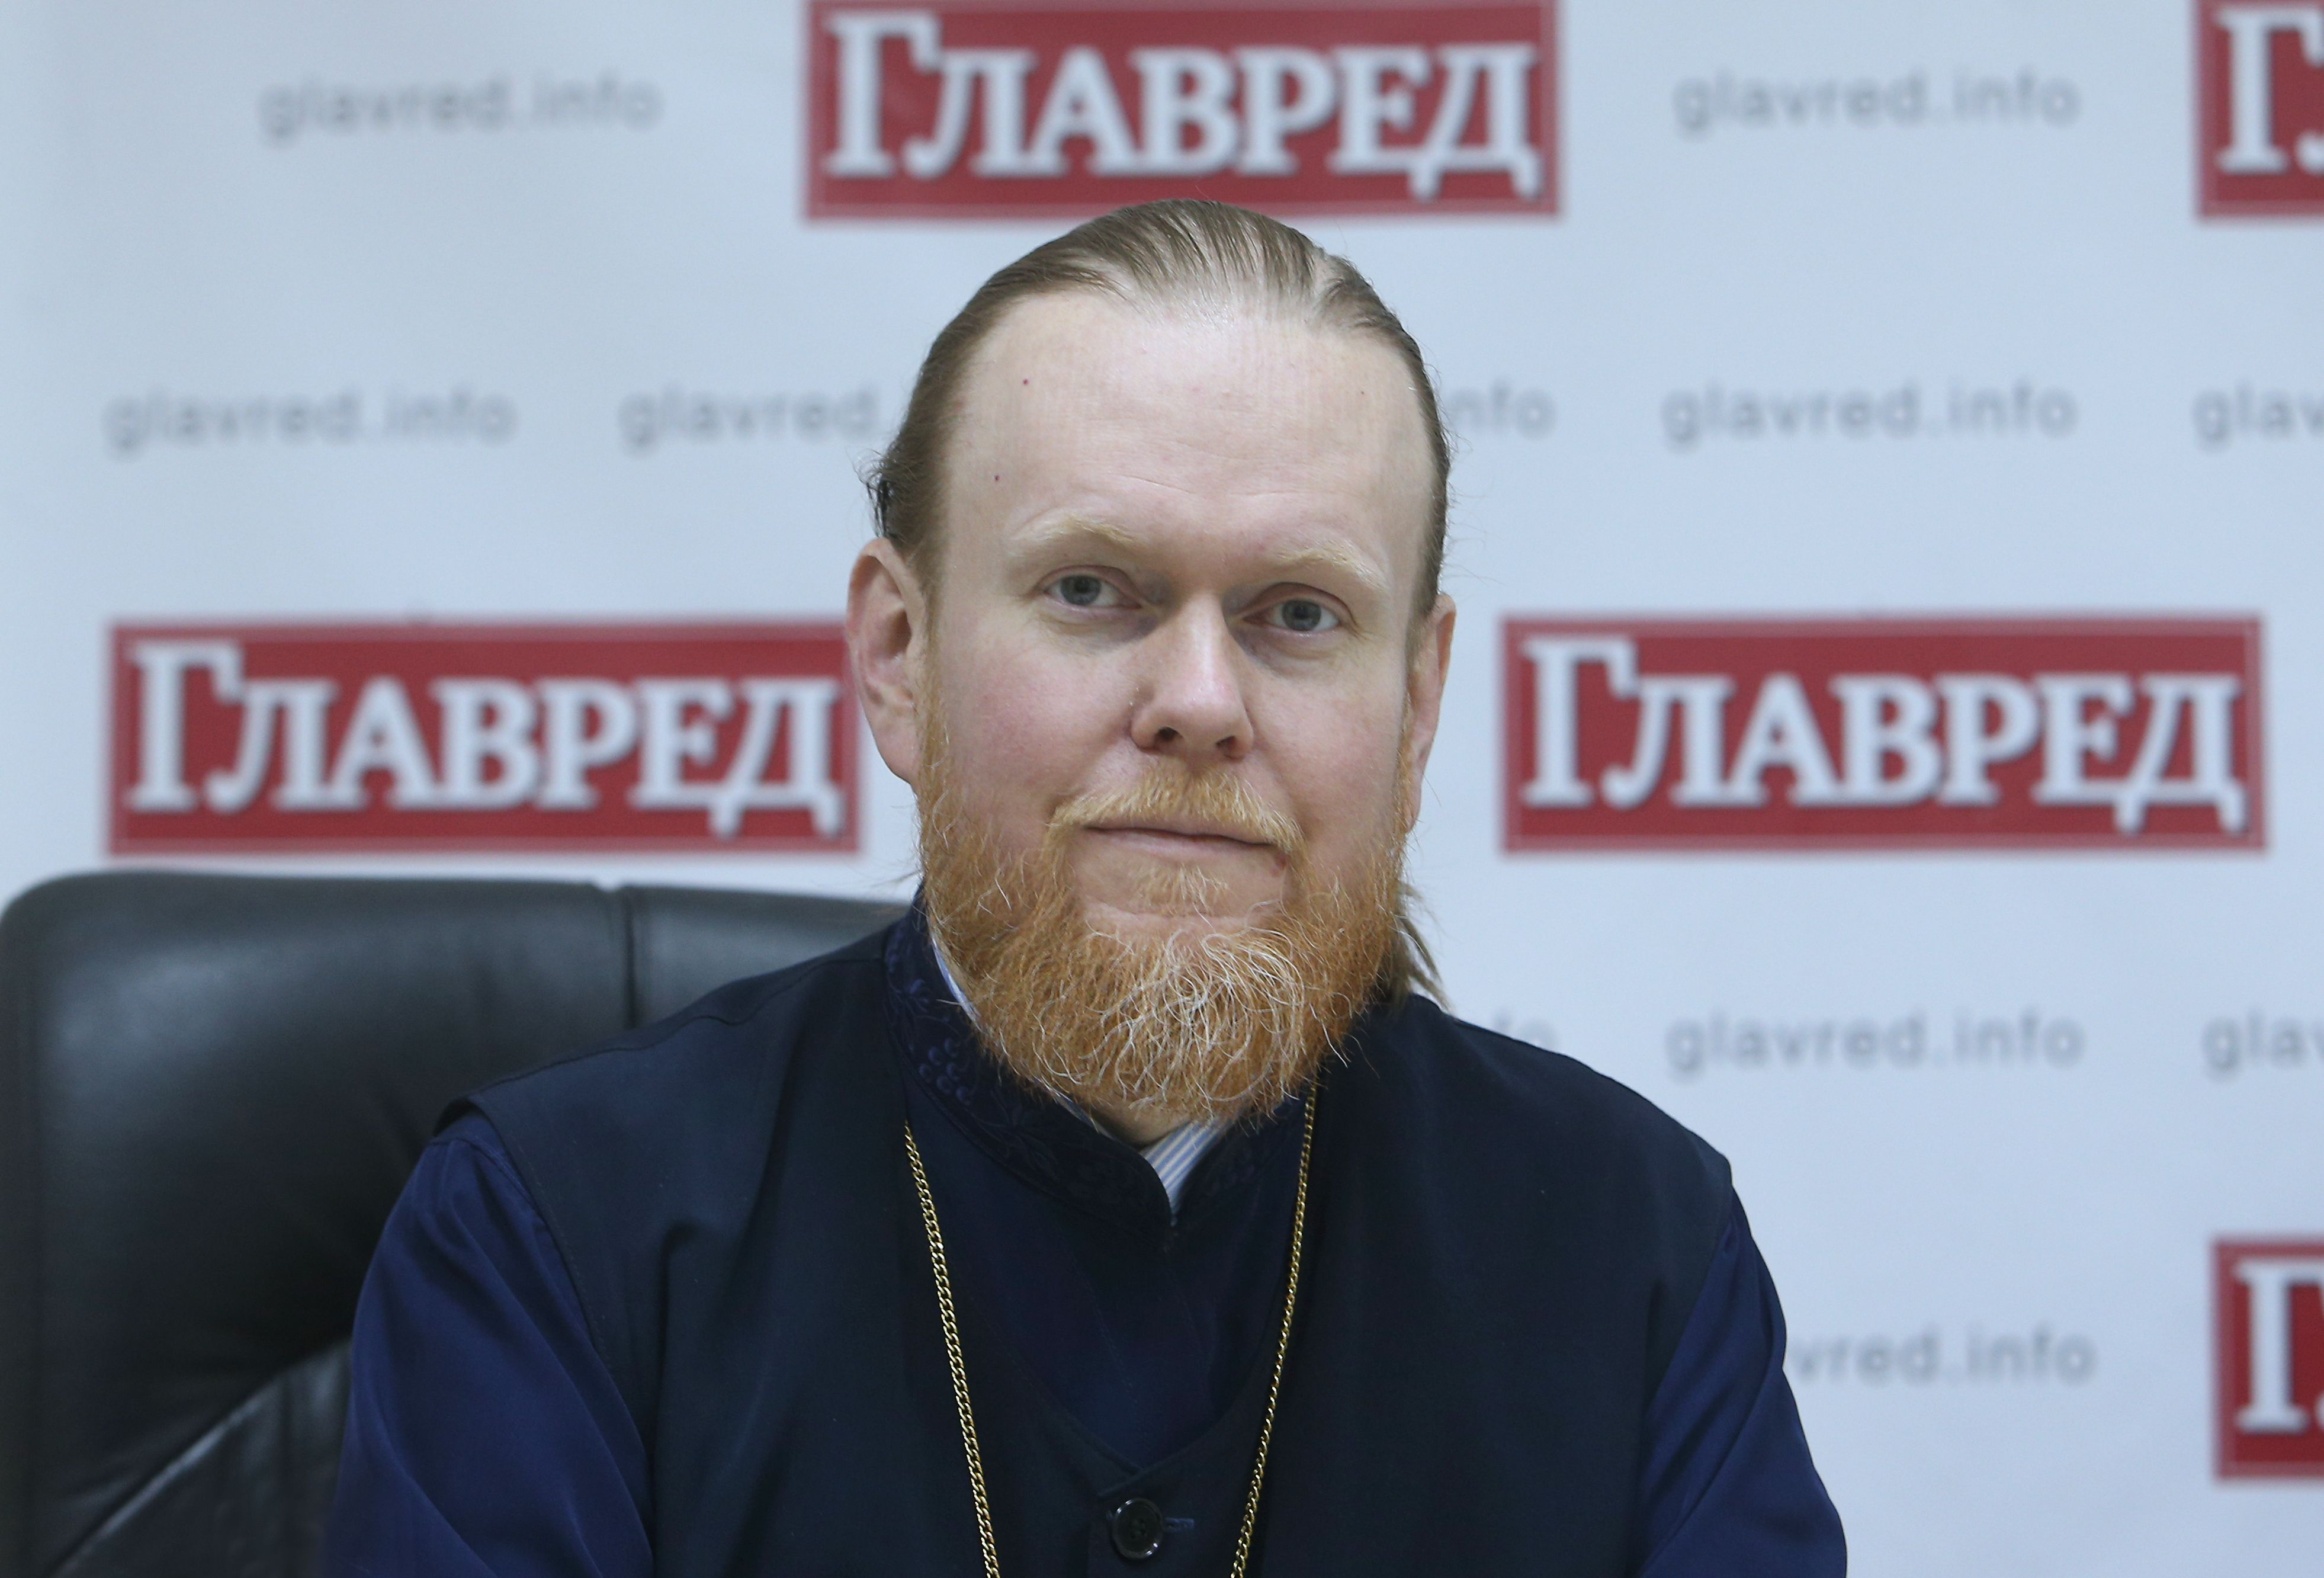 Архиепископ Евстратий (Зоря) сообщил, что автокефалия УПЦ мешает России реализовать неоимперский проект